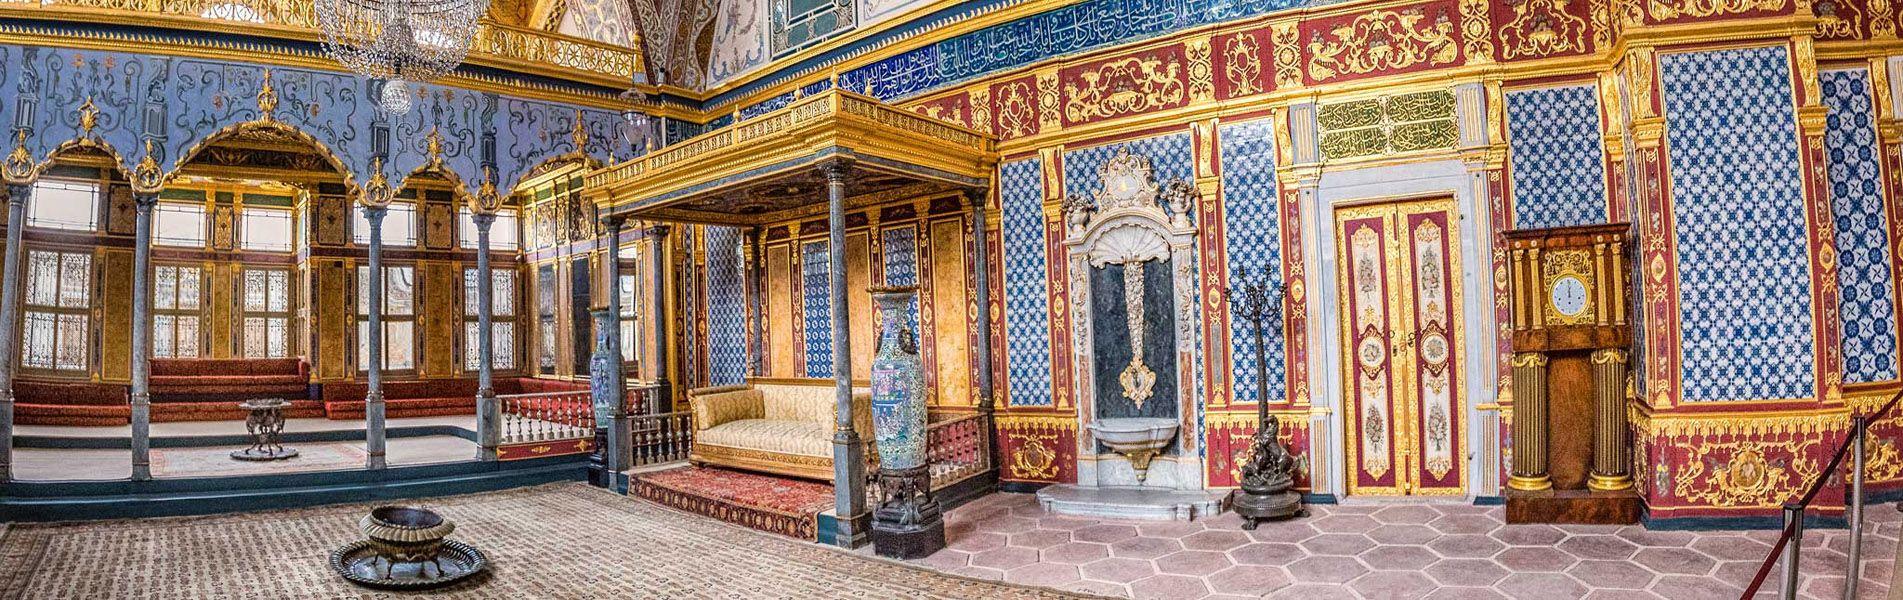 Palacio de Topkapi, Turquía